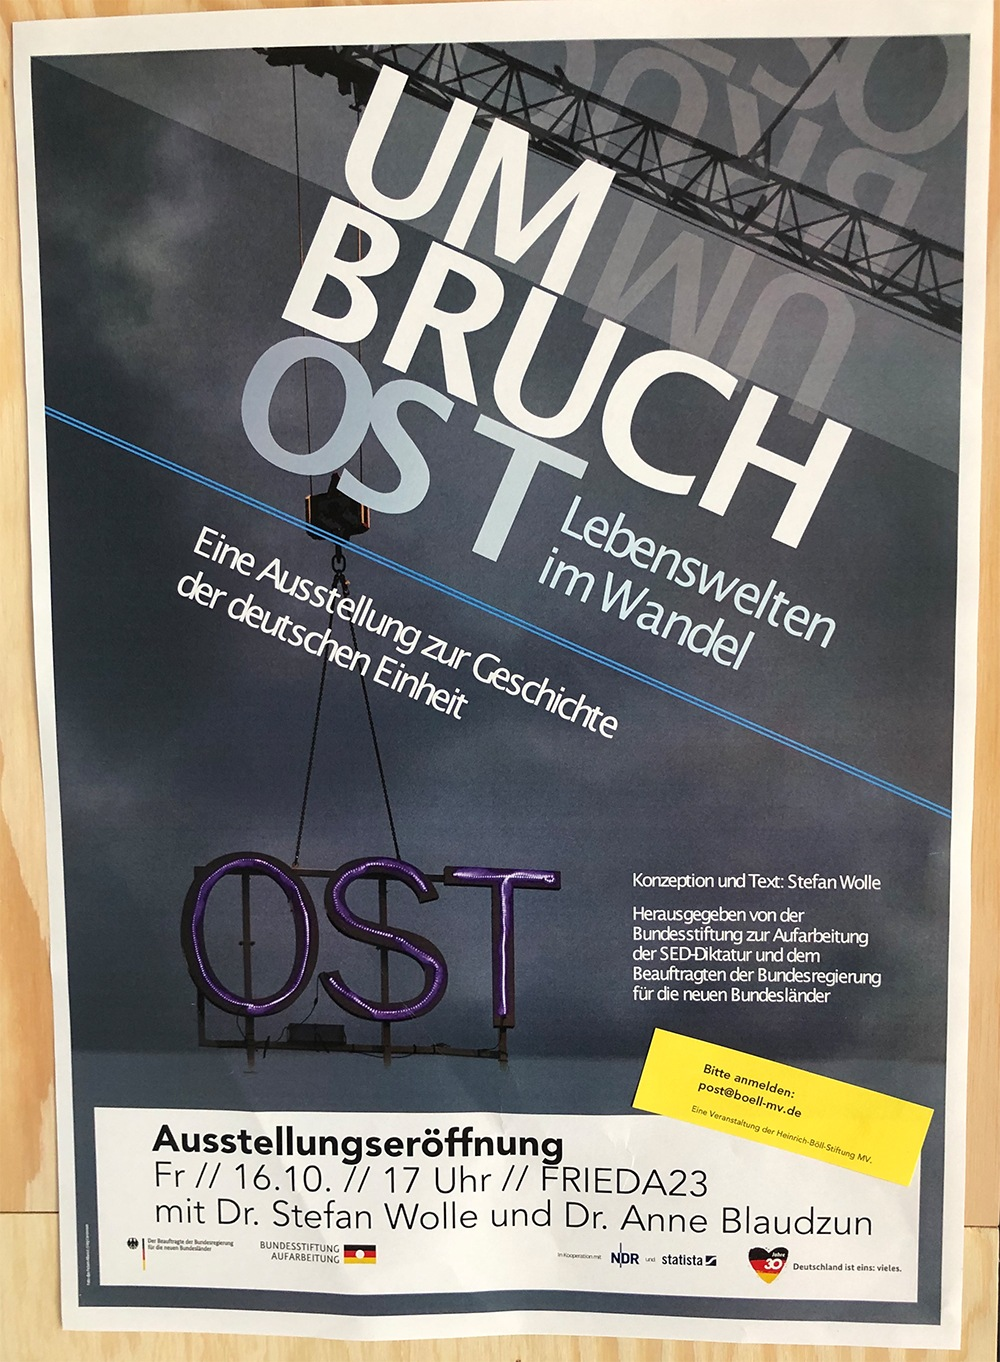 DDR Ausstellung - Umbruch Ost